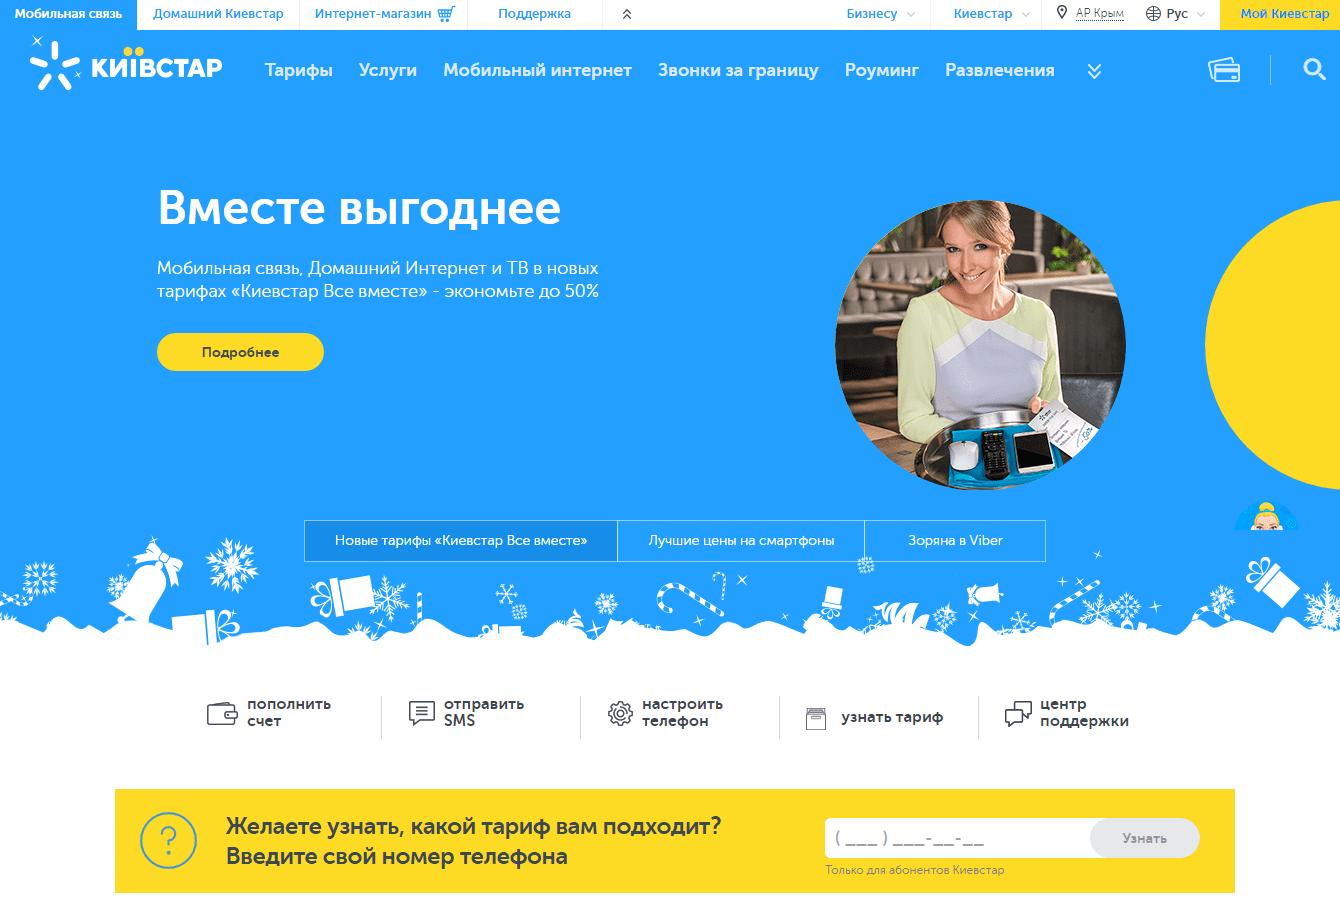 Личный кабинет Киевстар